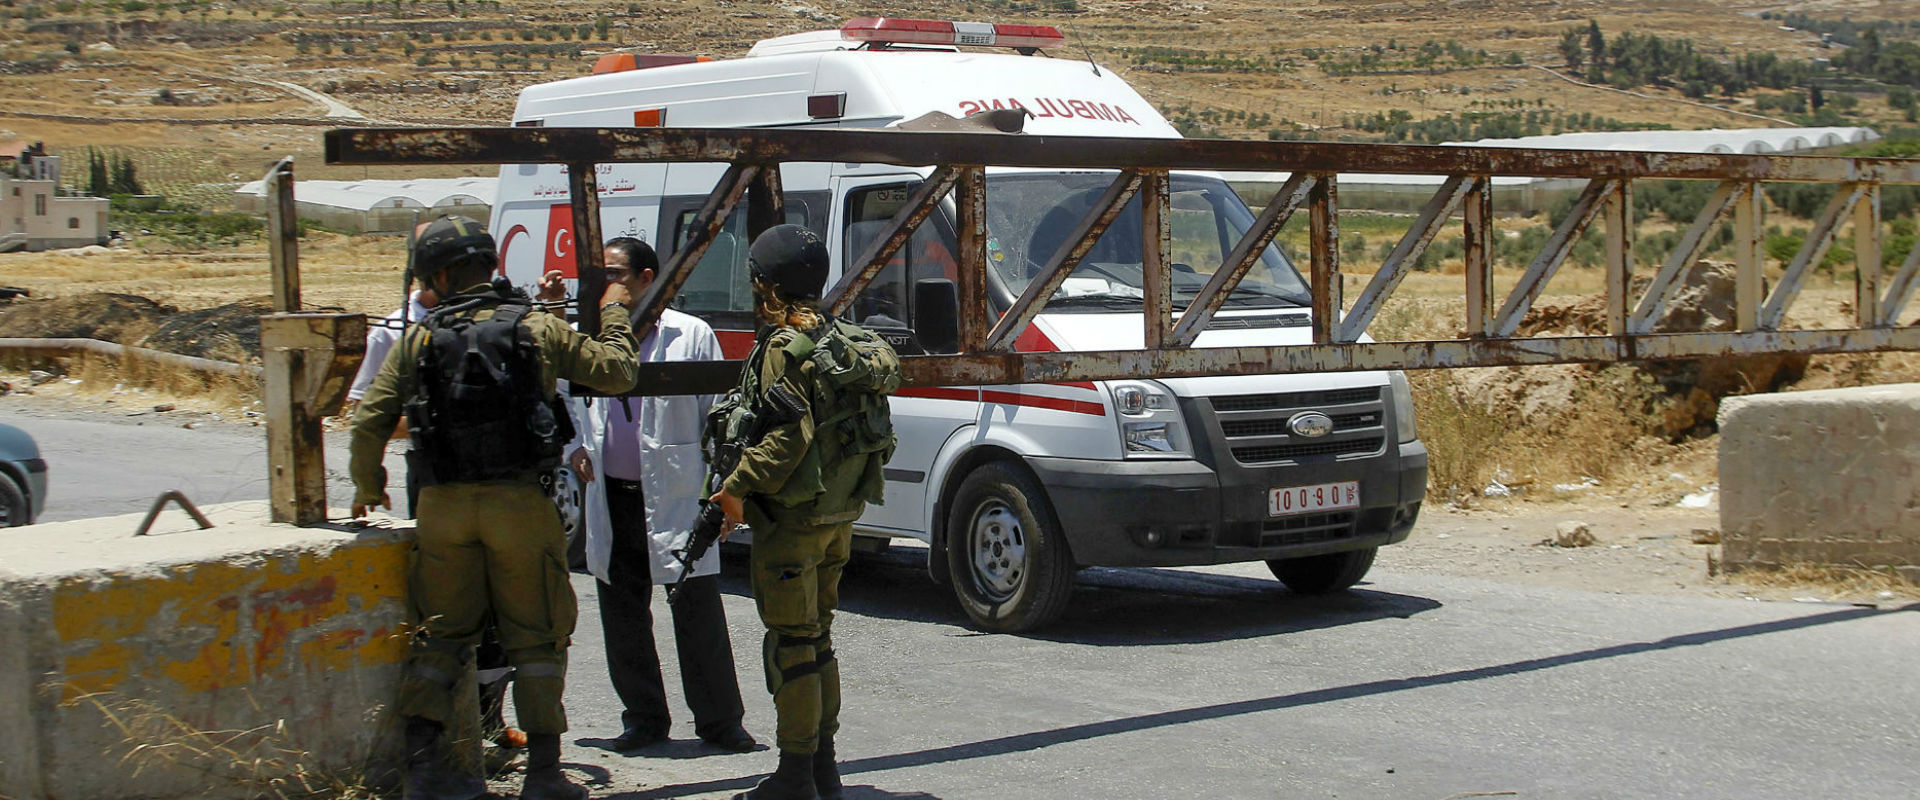 המחבל נורה, ארוסתו עצורה ברשות הפלסטינית (ויסאם הש